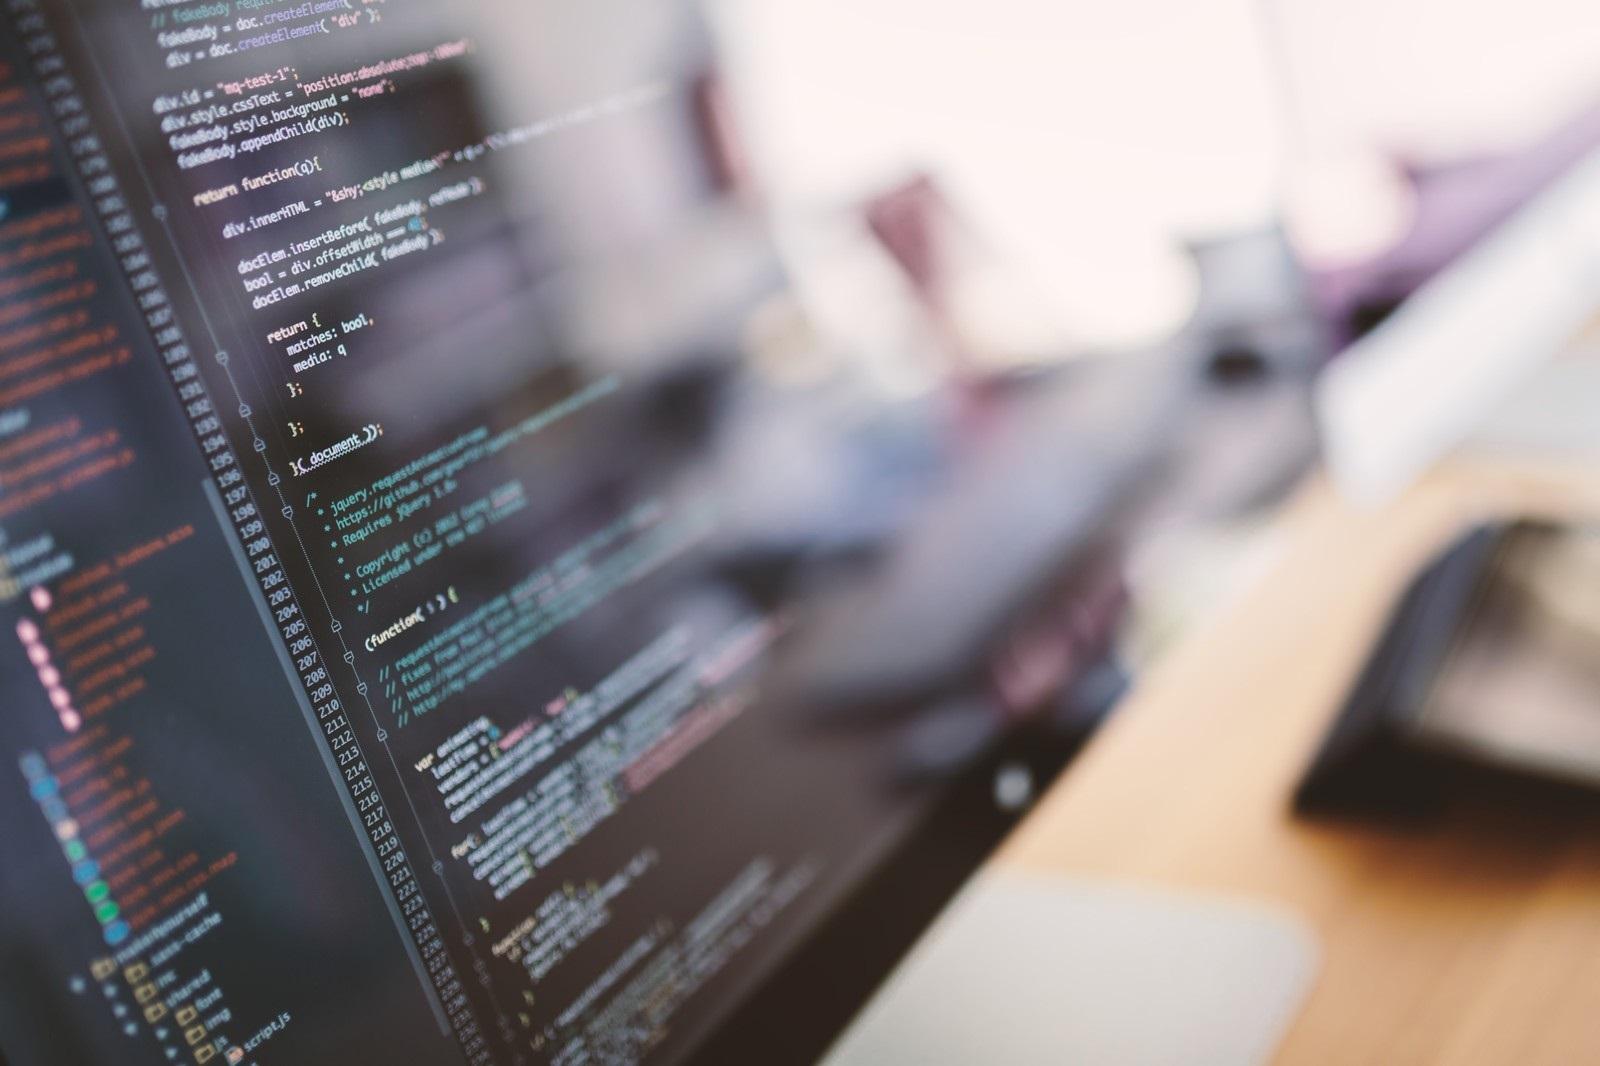 モニターに映るプログラムコード